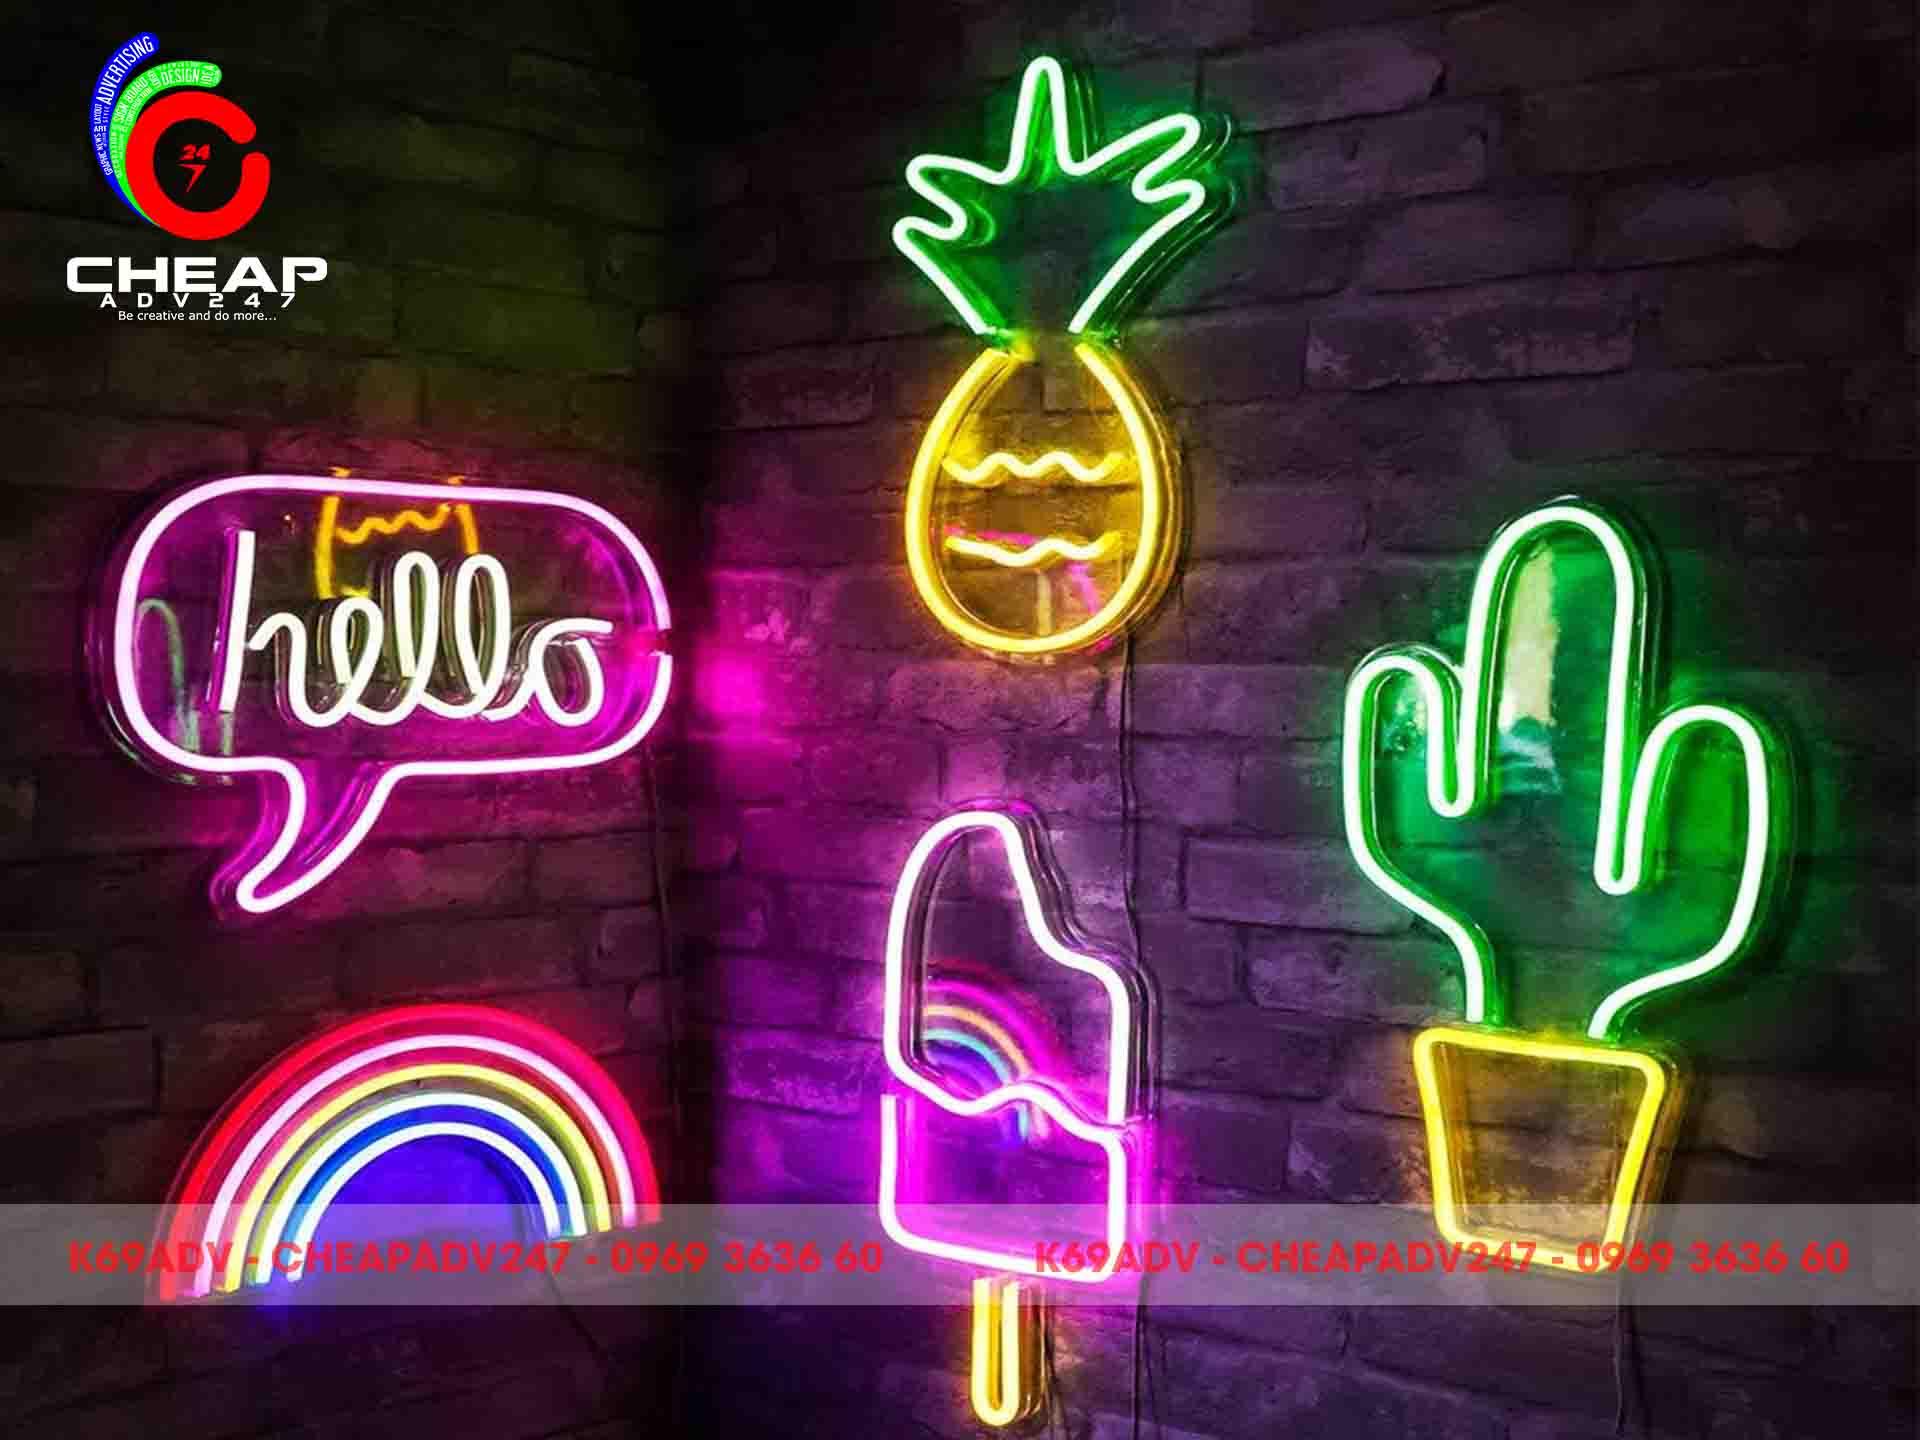 Công trình thi công làm bảng đèn Neon Sign đẹp tại Cheapadv247